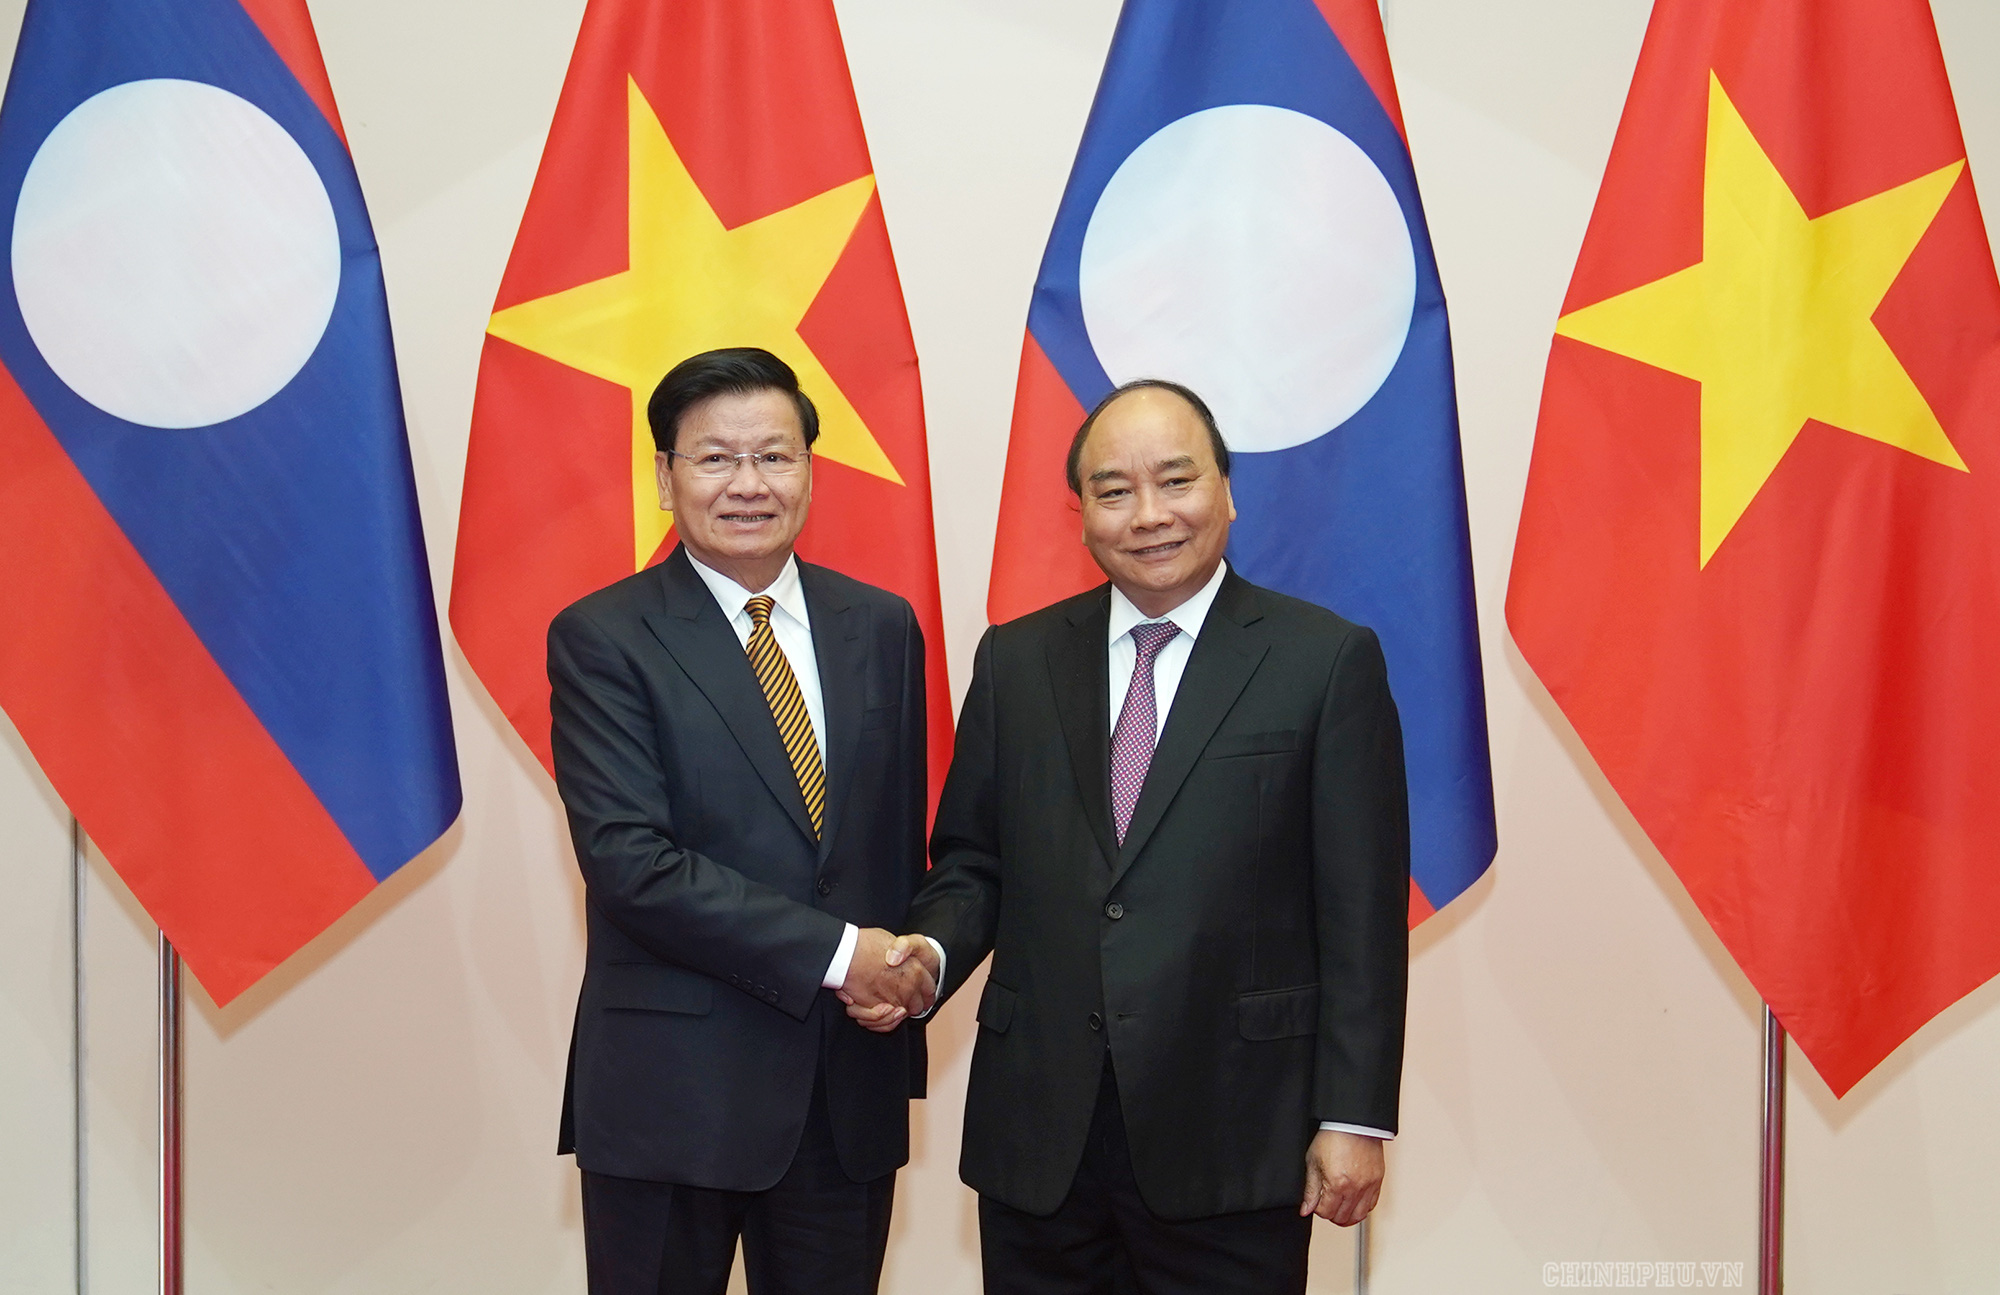 Hiệp định Thương mại giữa Việt Nam và Lào - Ảnh 1.